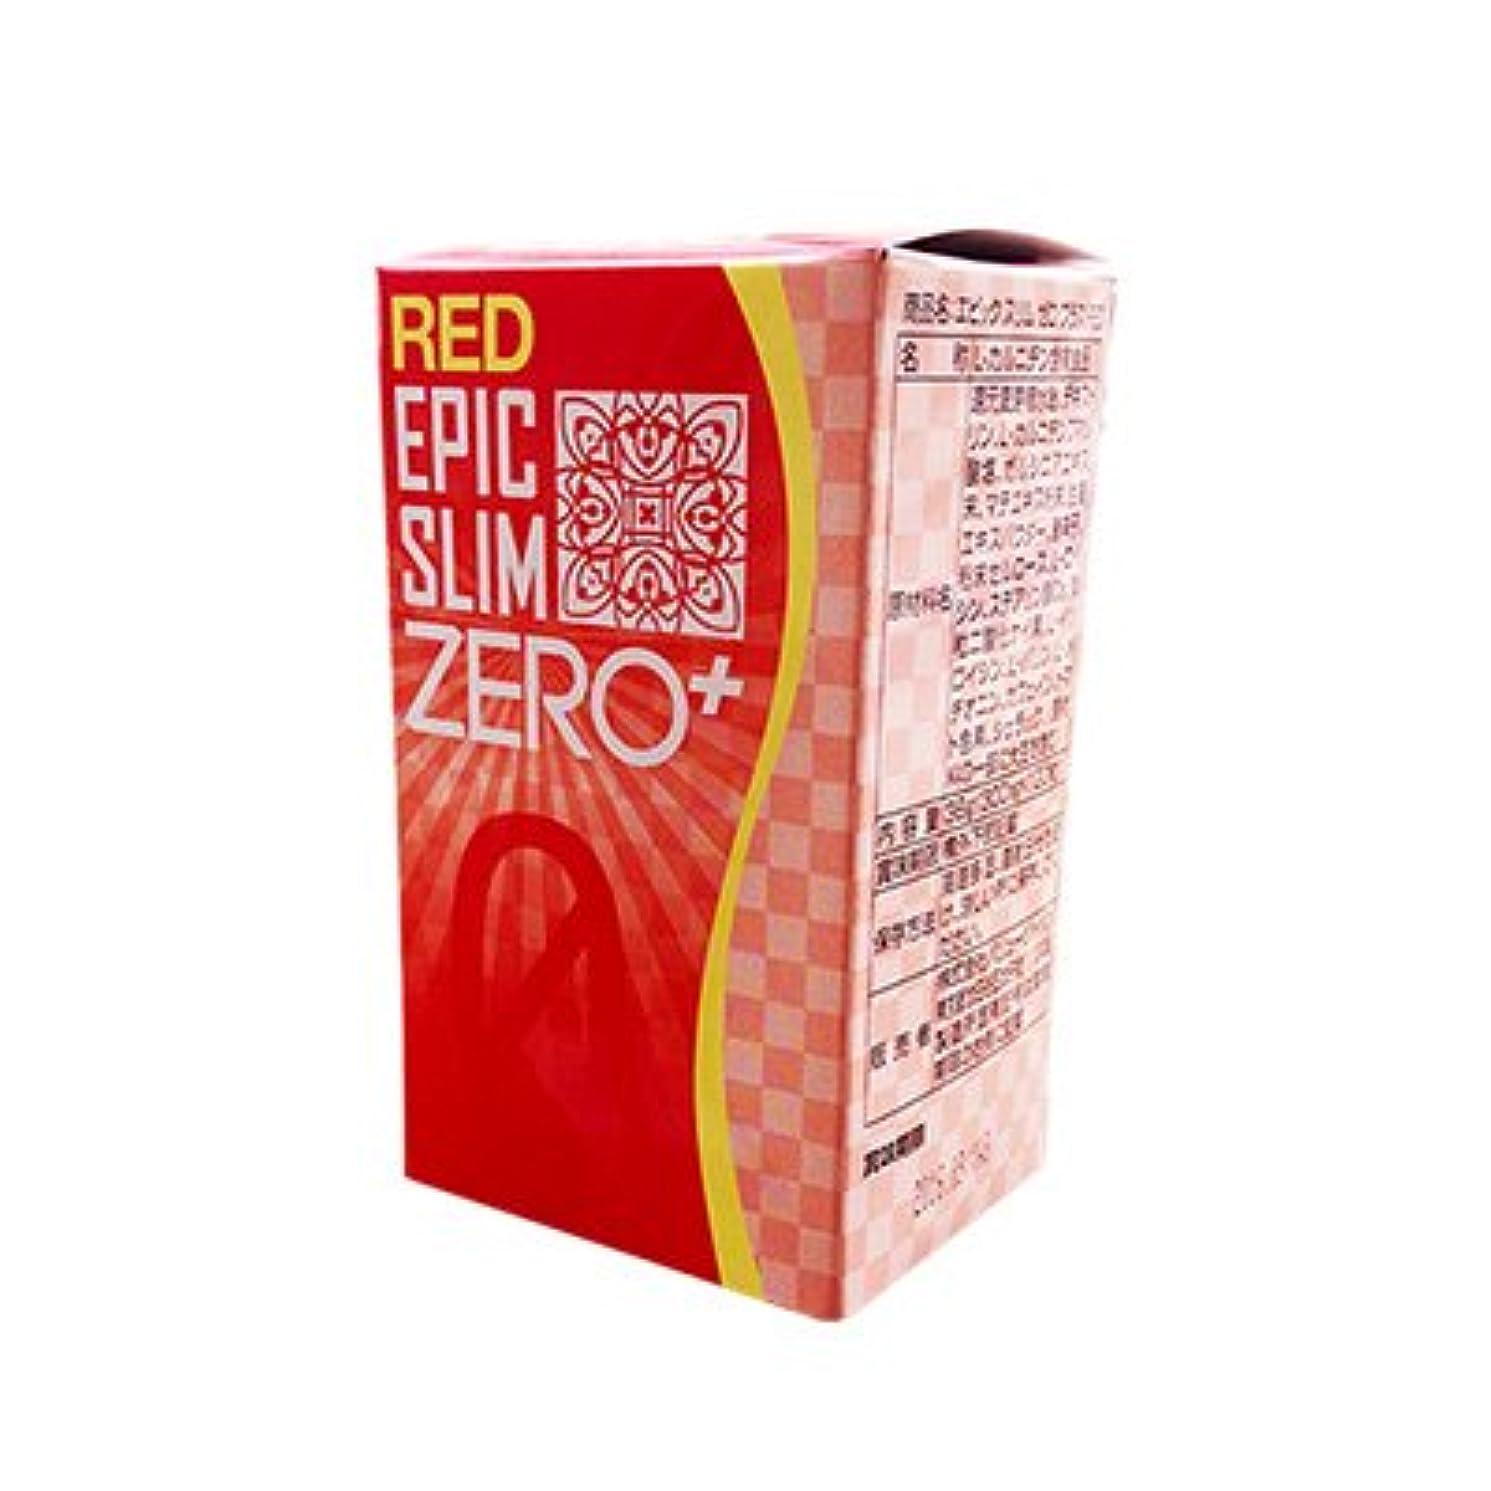 冒険フリッパー悪性腫瘍レッド エピックスリム ゼロ レッド Epic Slim ZERO RED